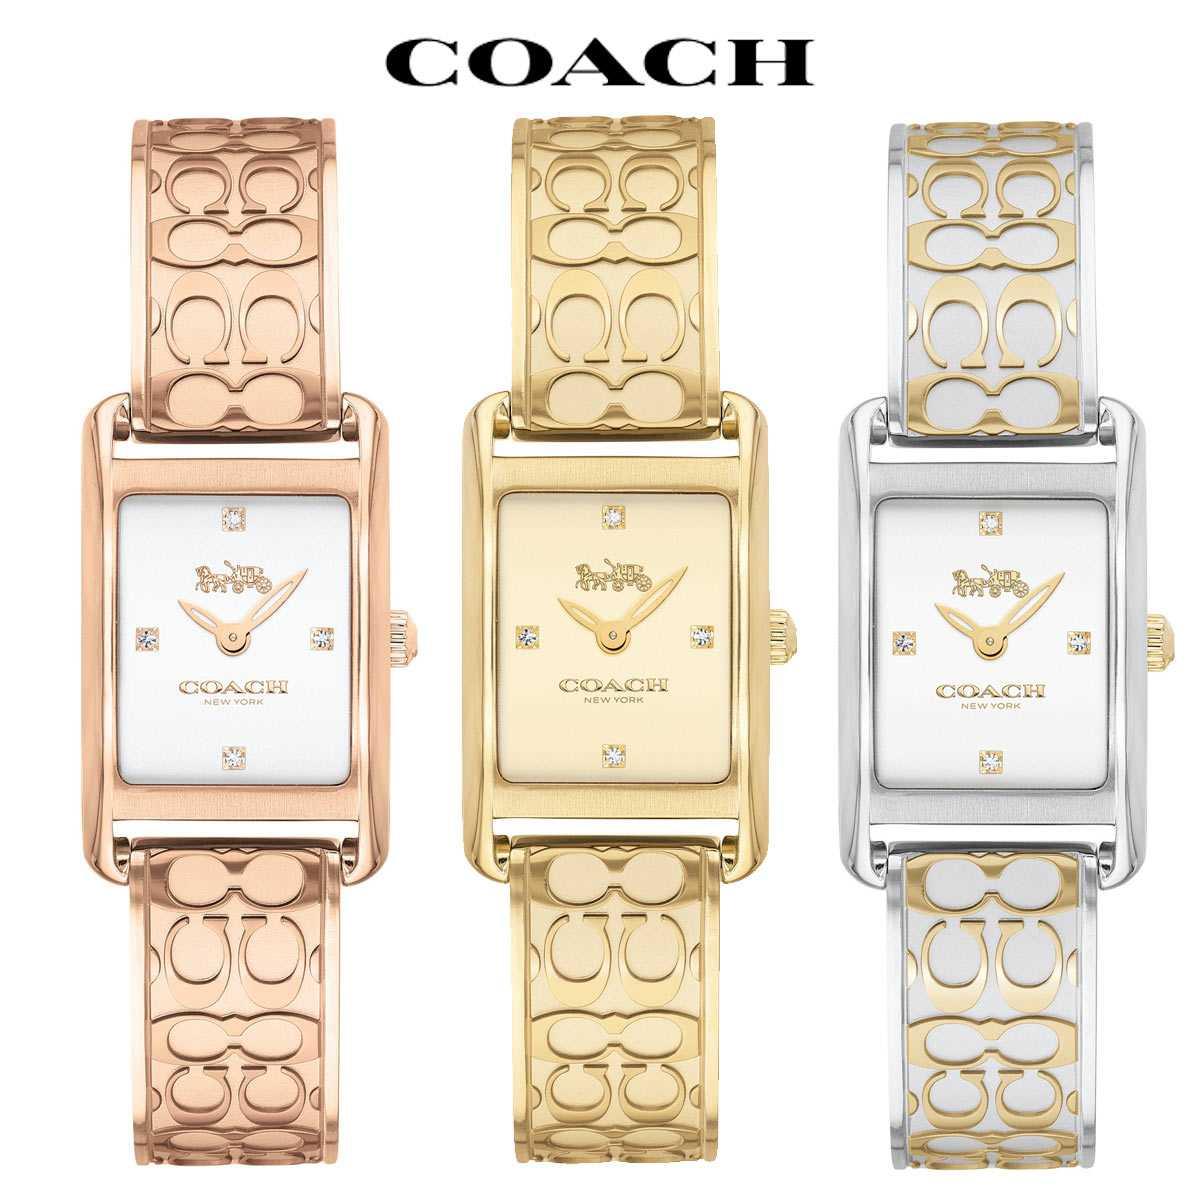 ブランド COACH 女性 おしゃれ Allie コーチ レディース アリー 後払い かわいい バングル 腕時計